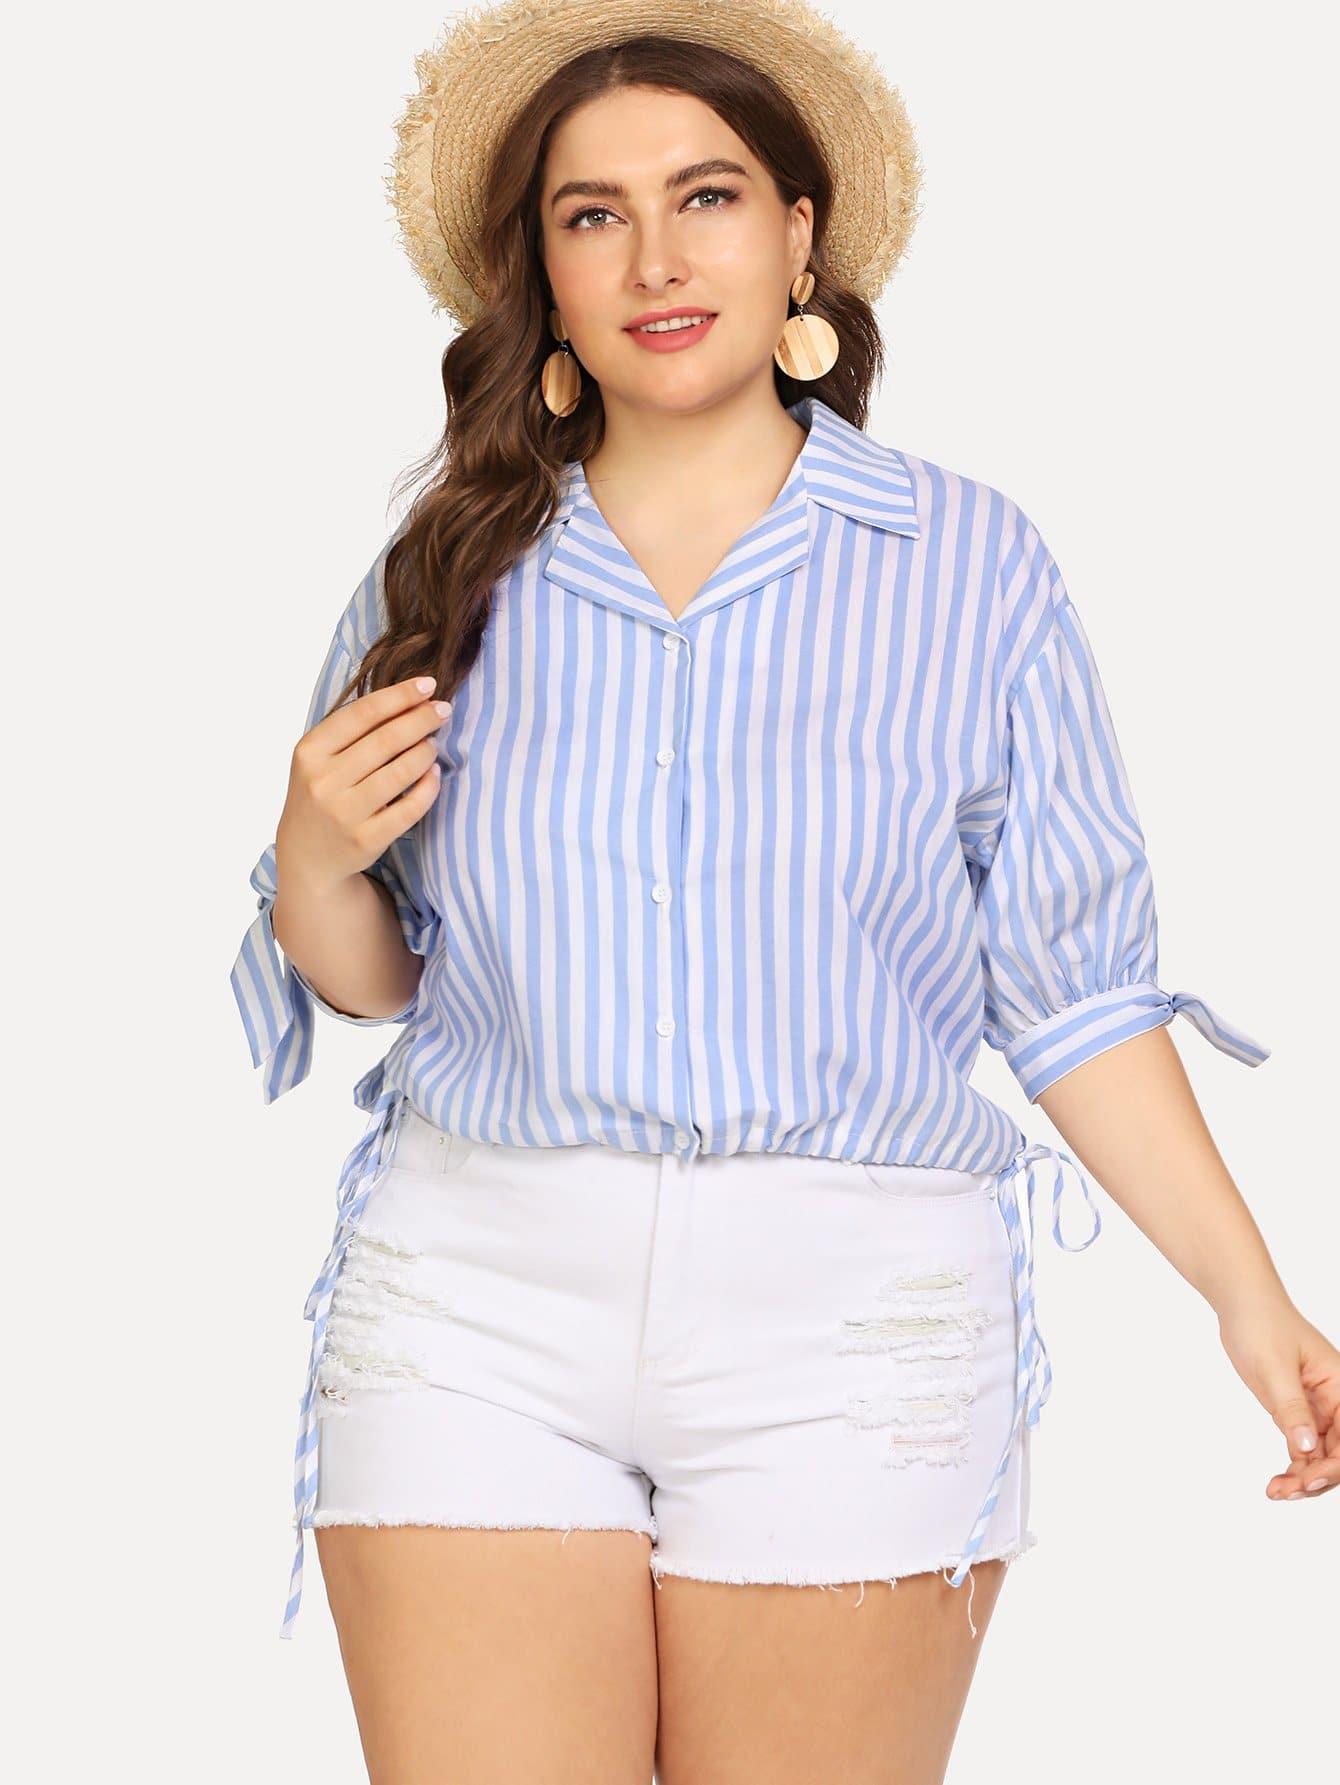 Зубчатая полосатая рубашка с вырезом, Franziska, SheIn  - купить со скидкой